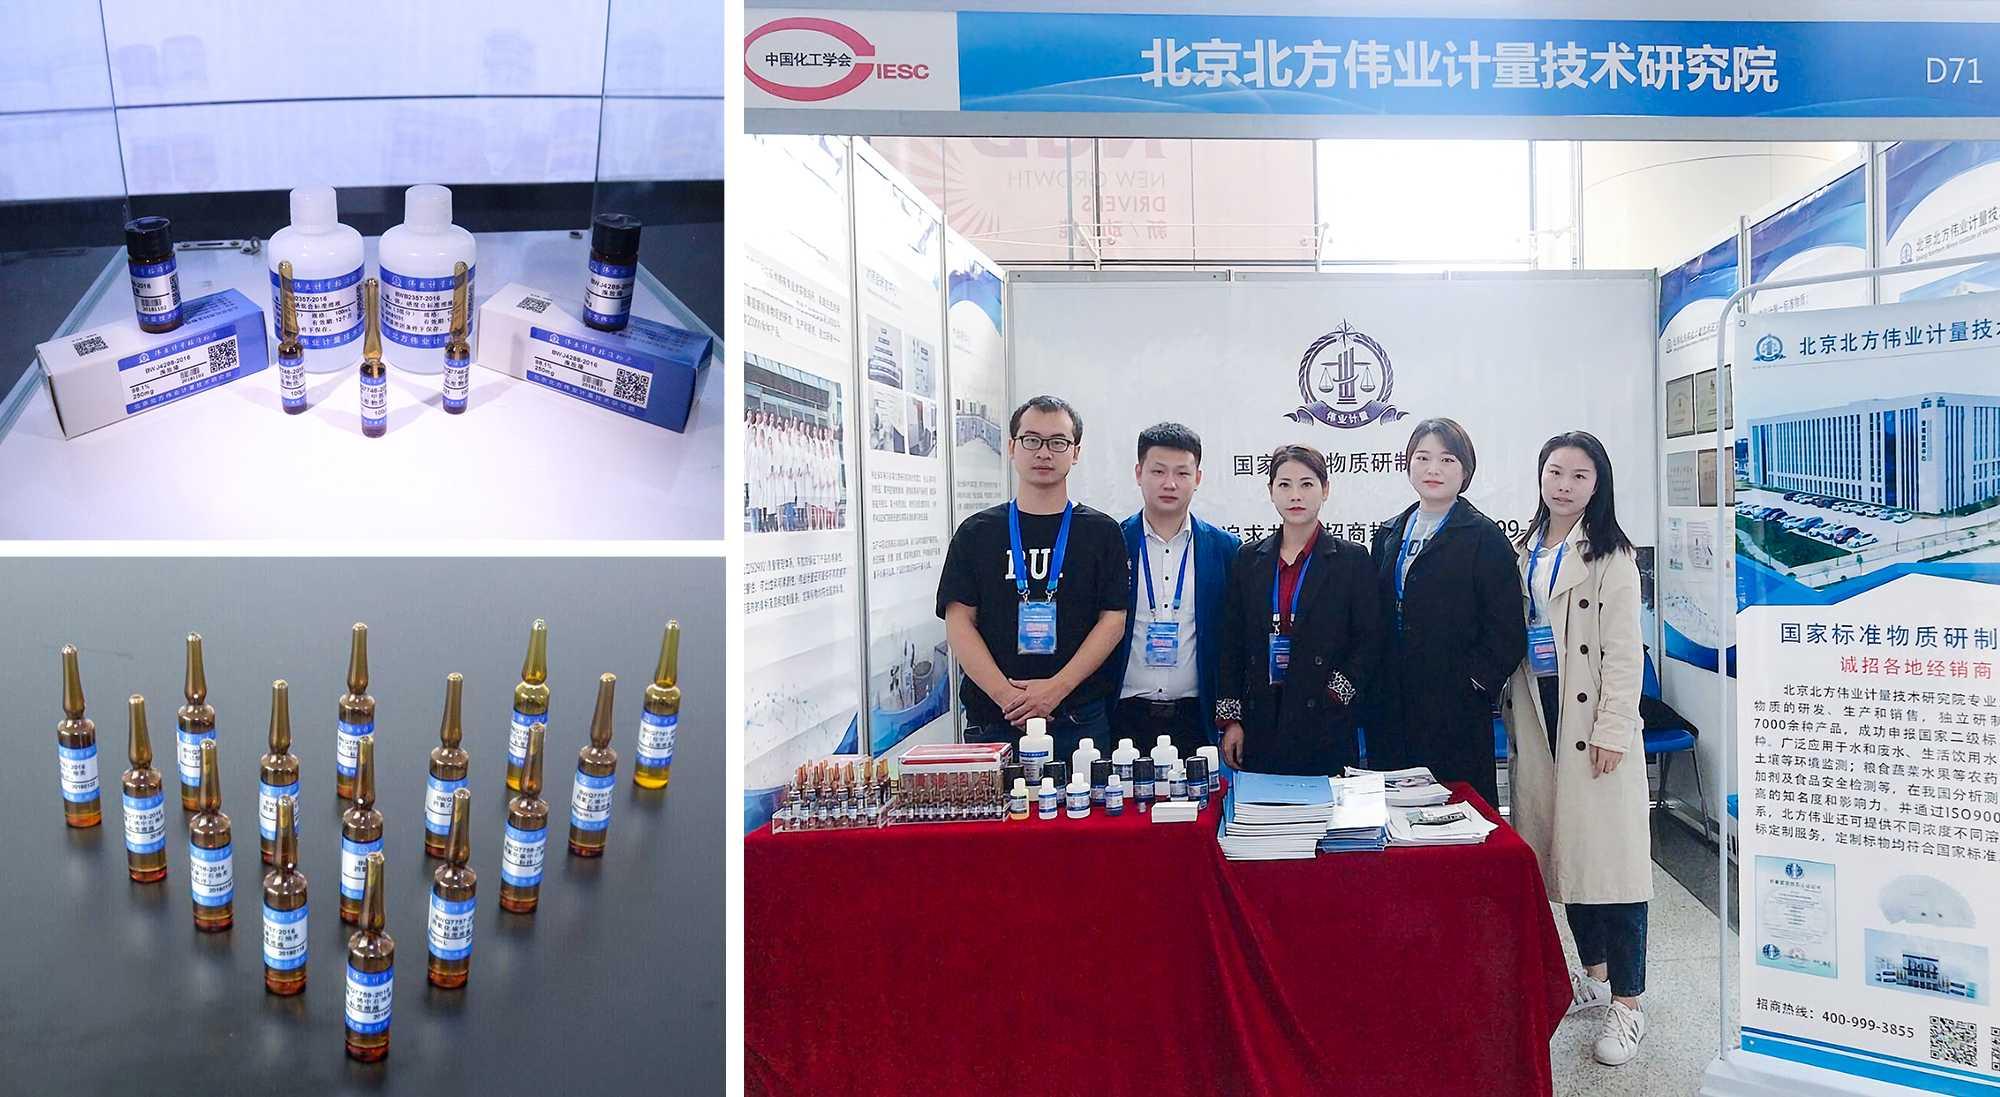 奥科集团参加青岛化工展会--www.xbpjs.tw--奥科集团--国家标准物质网